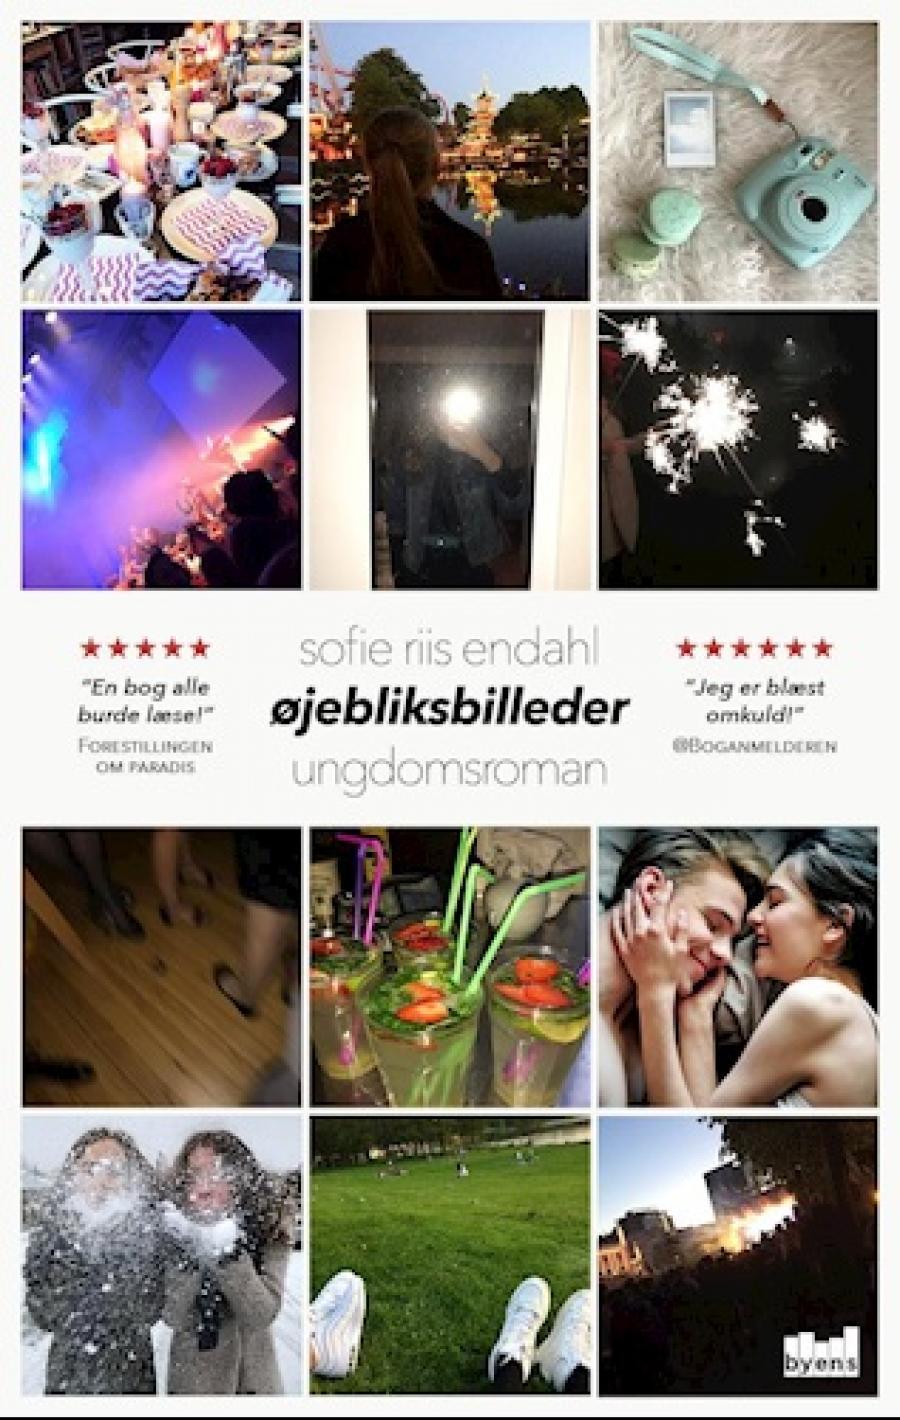 Øjebliksbilleder af Sofie Riis Endahl